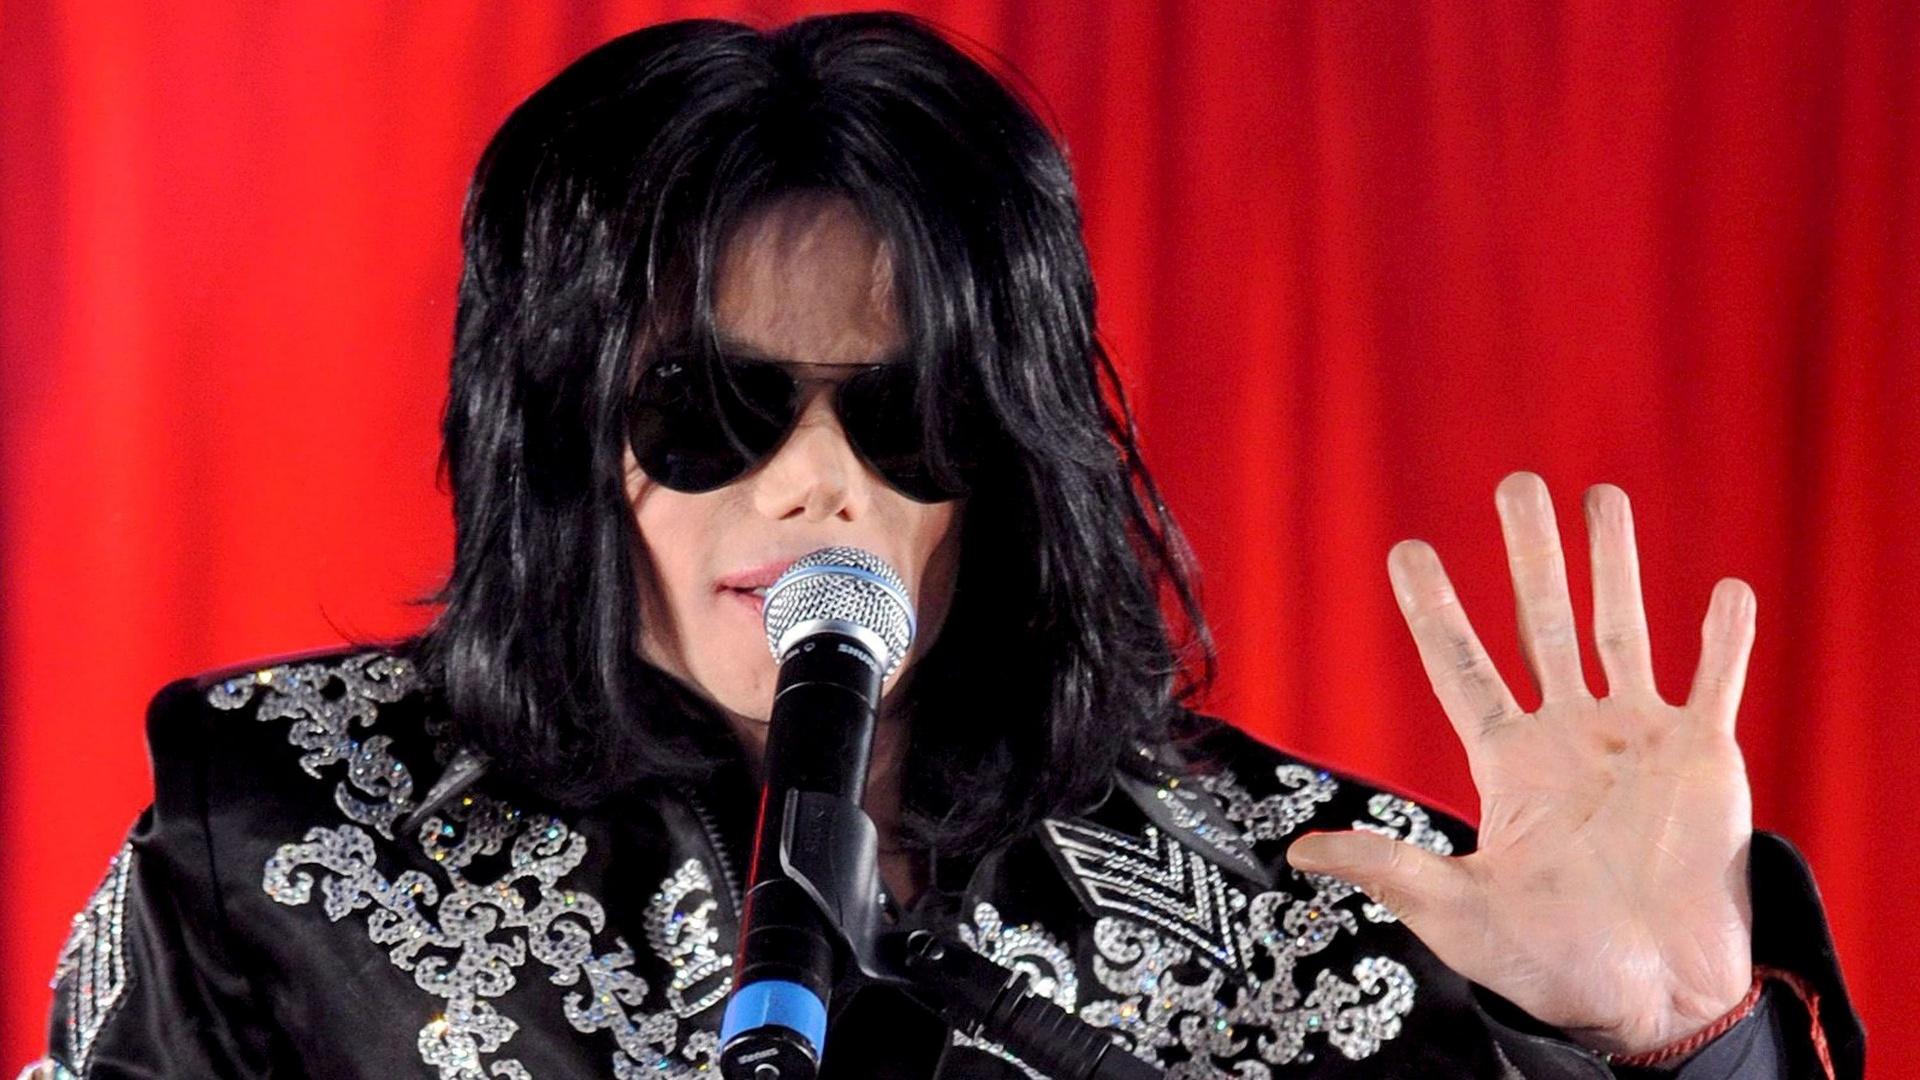 4.mar.2009 - O cantor Michael Jackson anuncia série de shows em Londres, meses antes de morrer